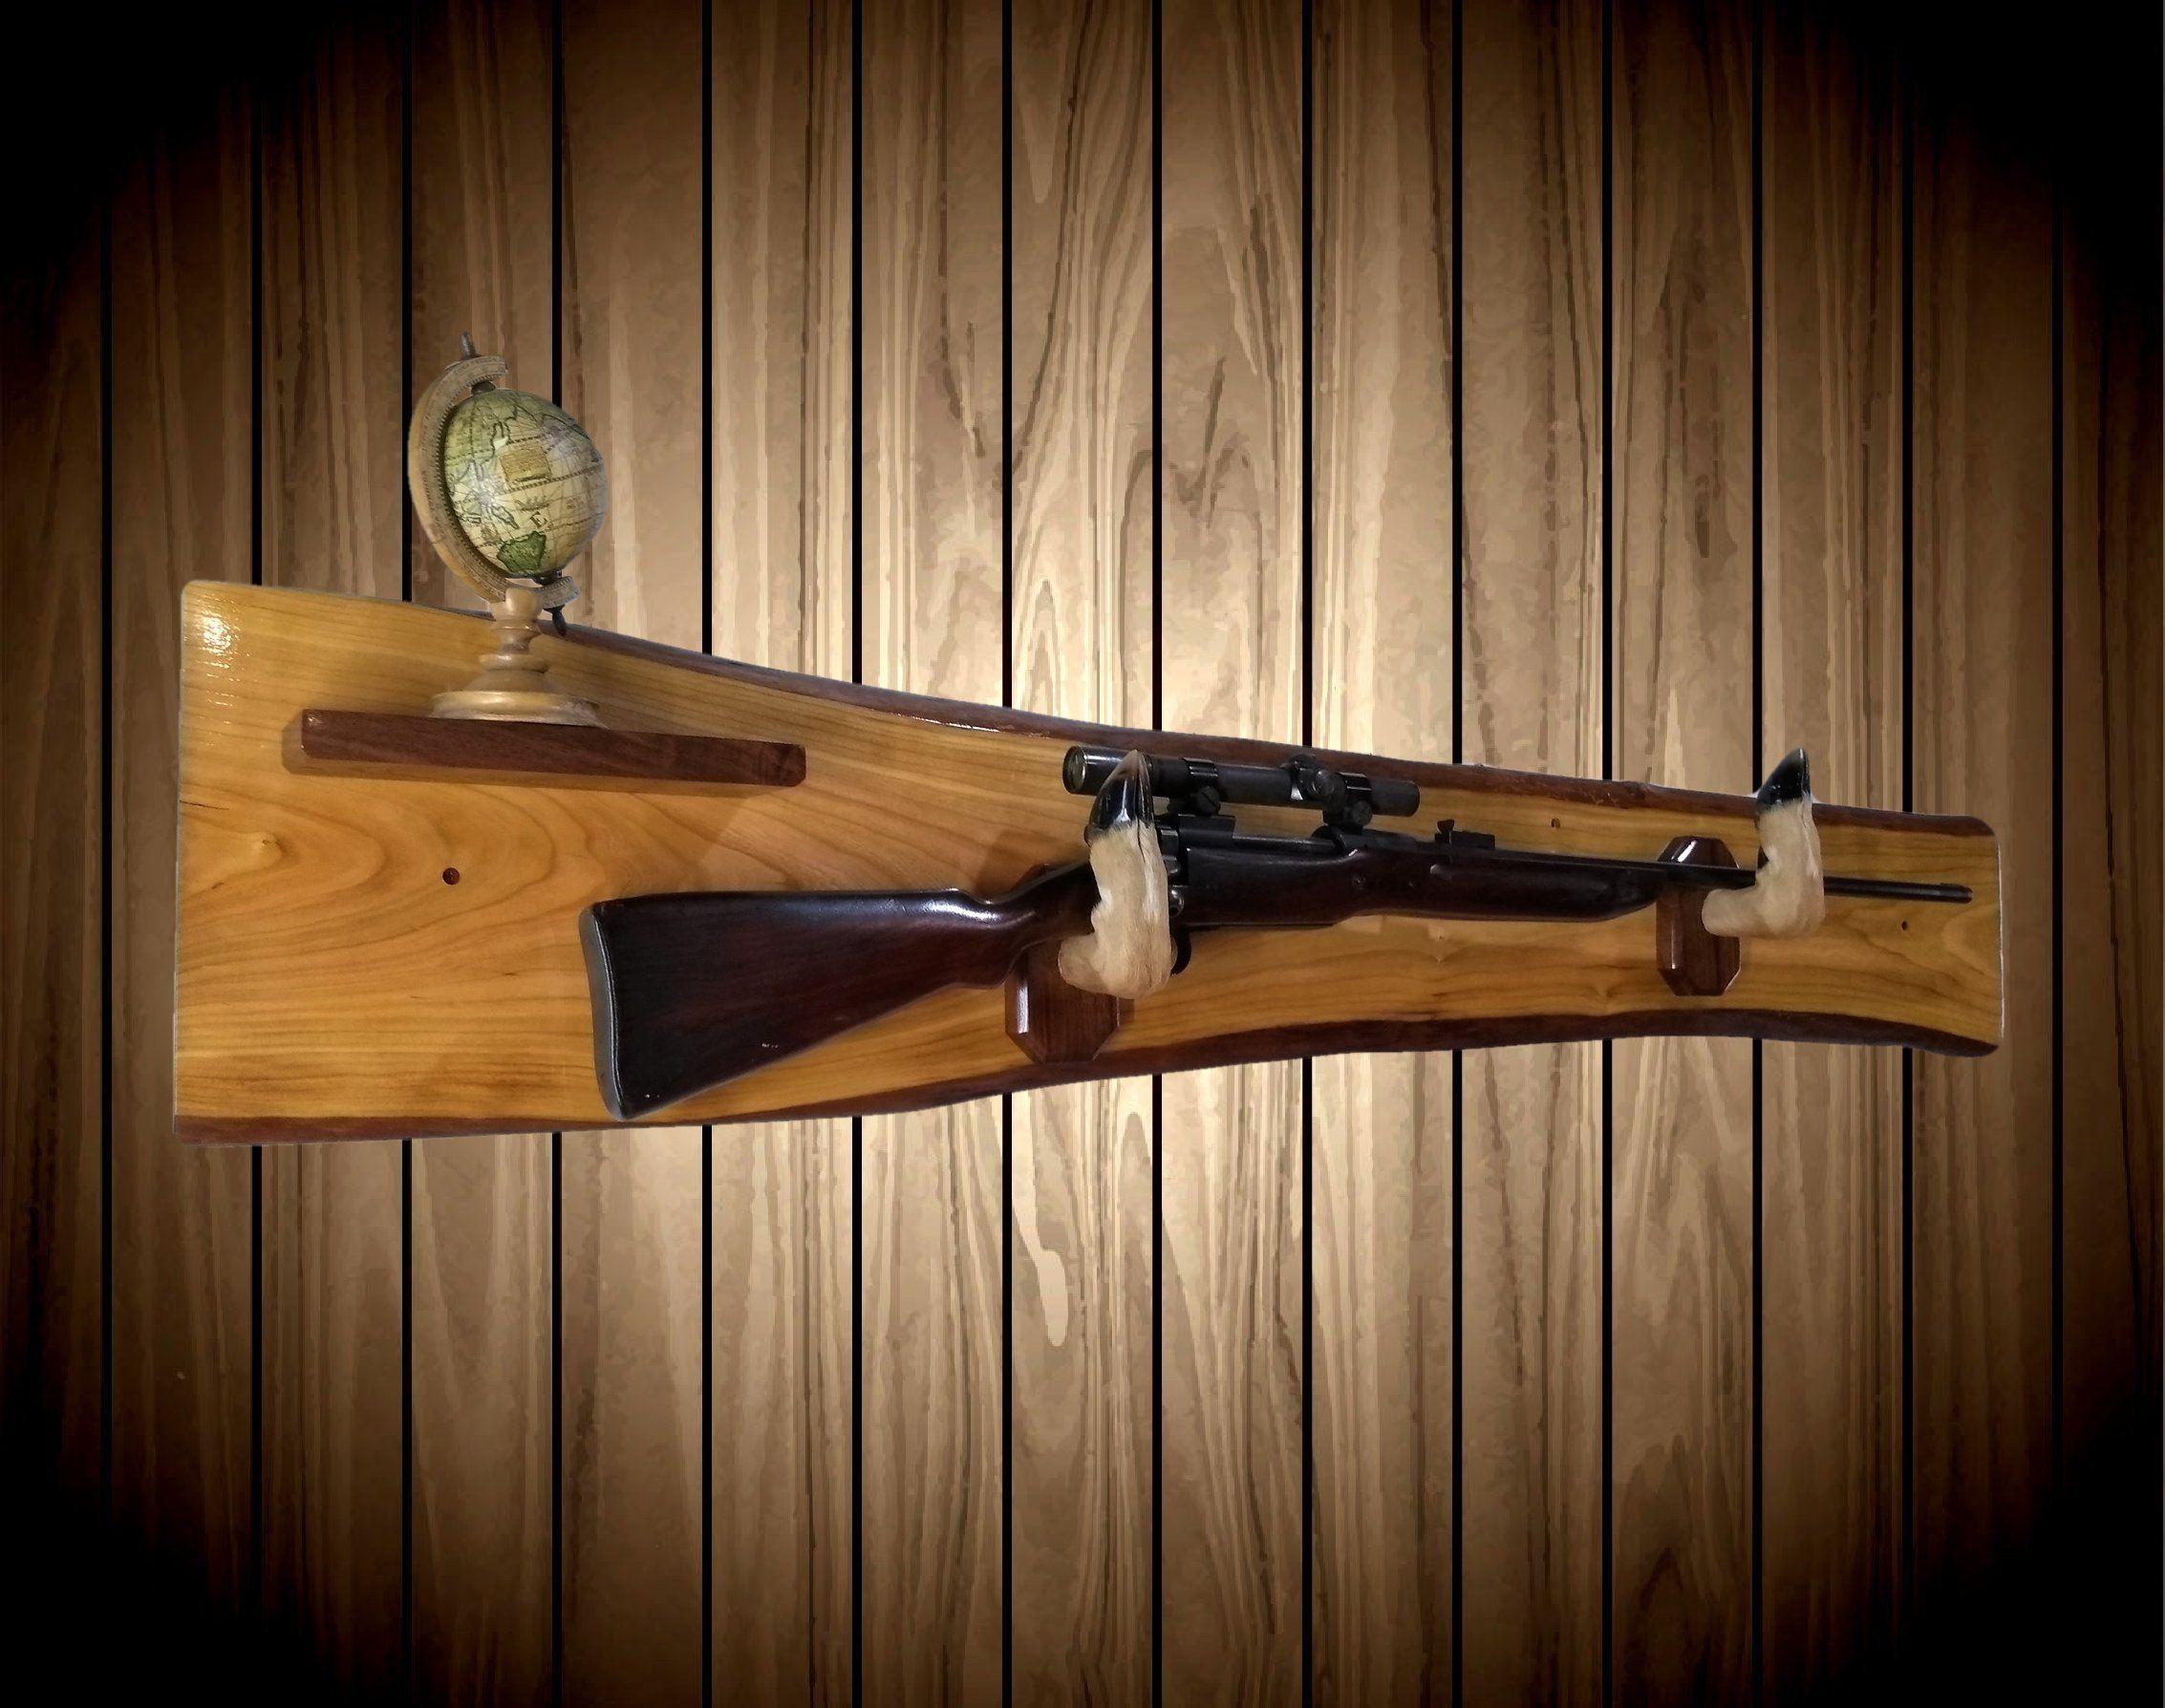 5 Gun Rifle Shotgun Wooden Wall Mount Rack Holder Hunting Display Storage Hanger